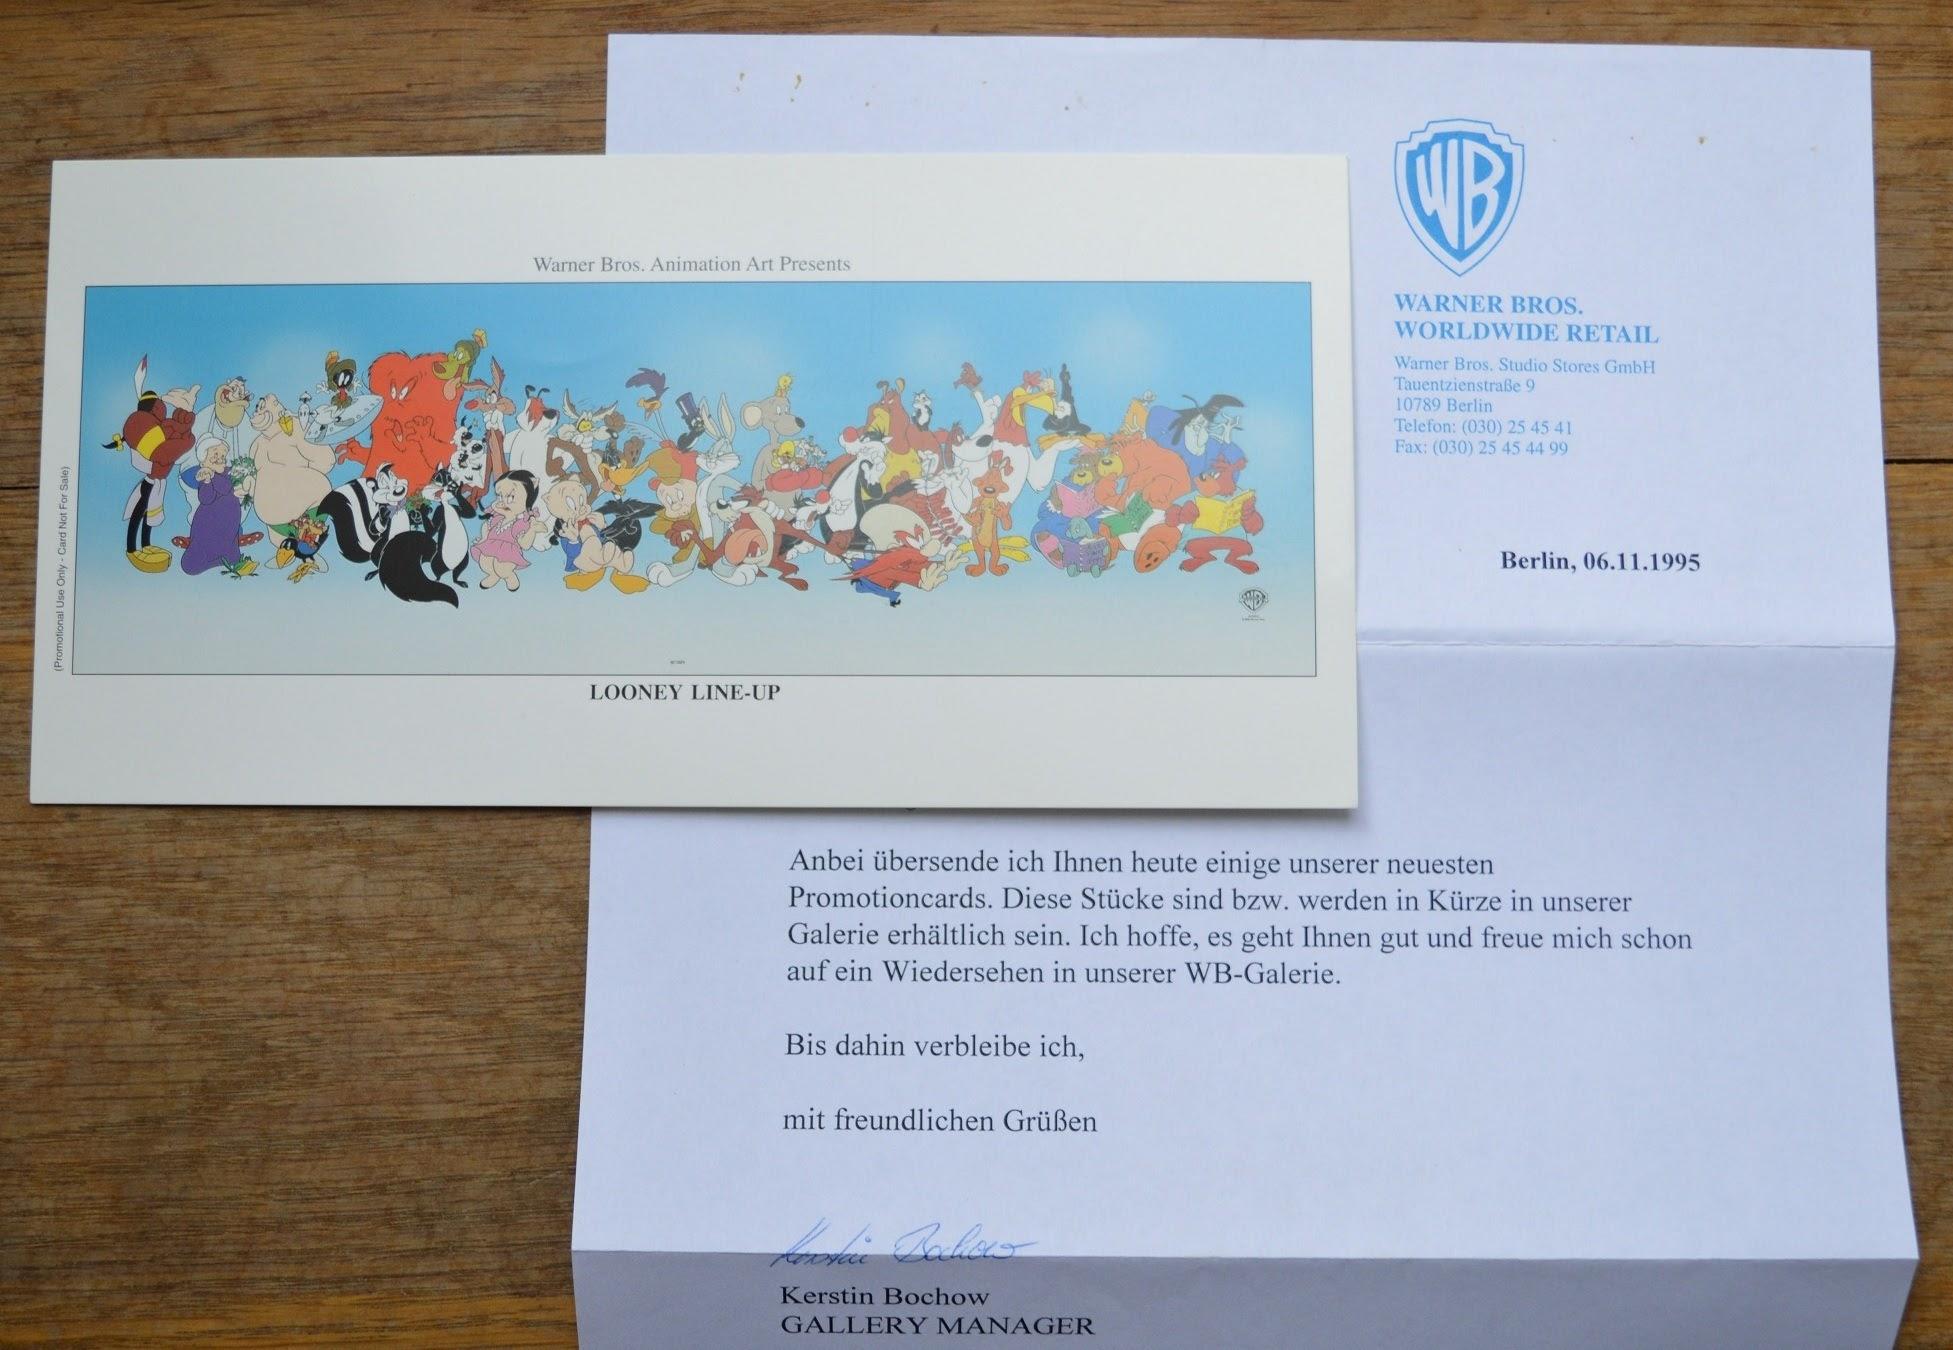 Warner Bros. Production Cel Sericel Promocard